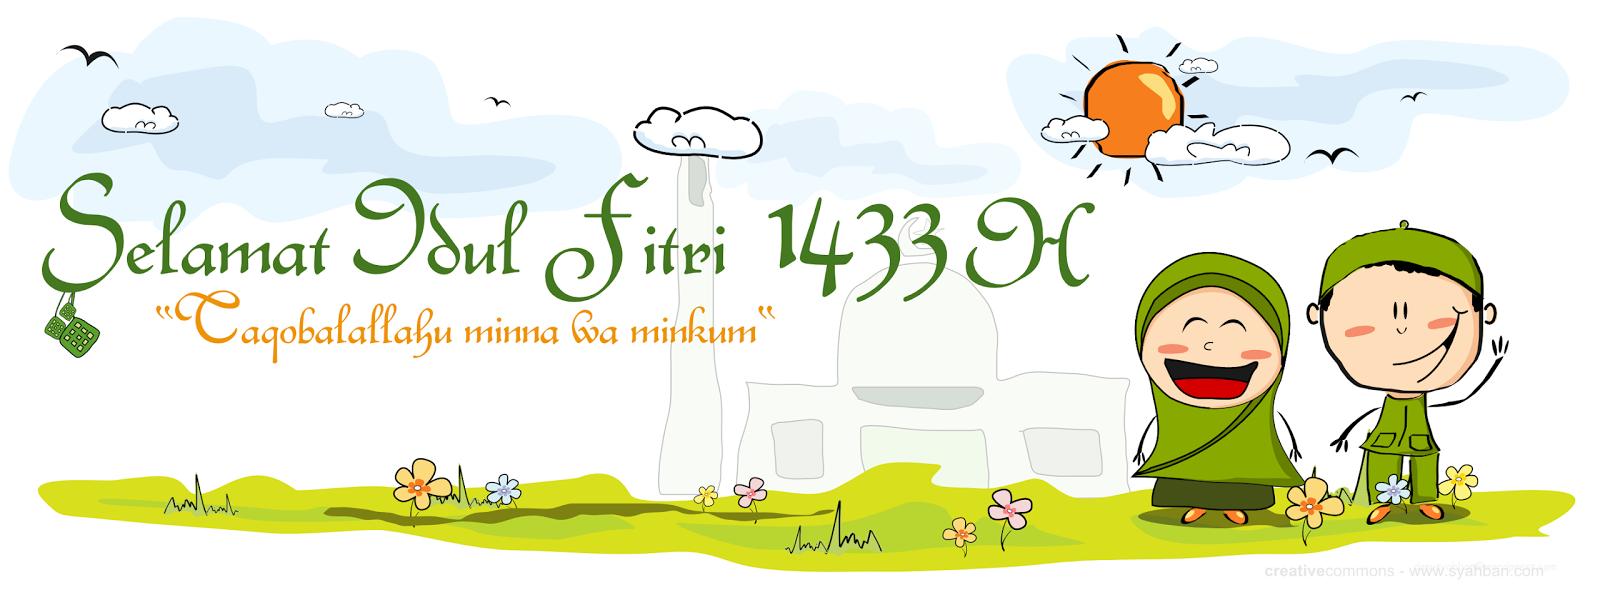 Image download ucapan lebaran selamat hari raya idul fitri 2012 1433h